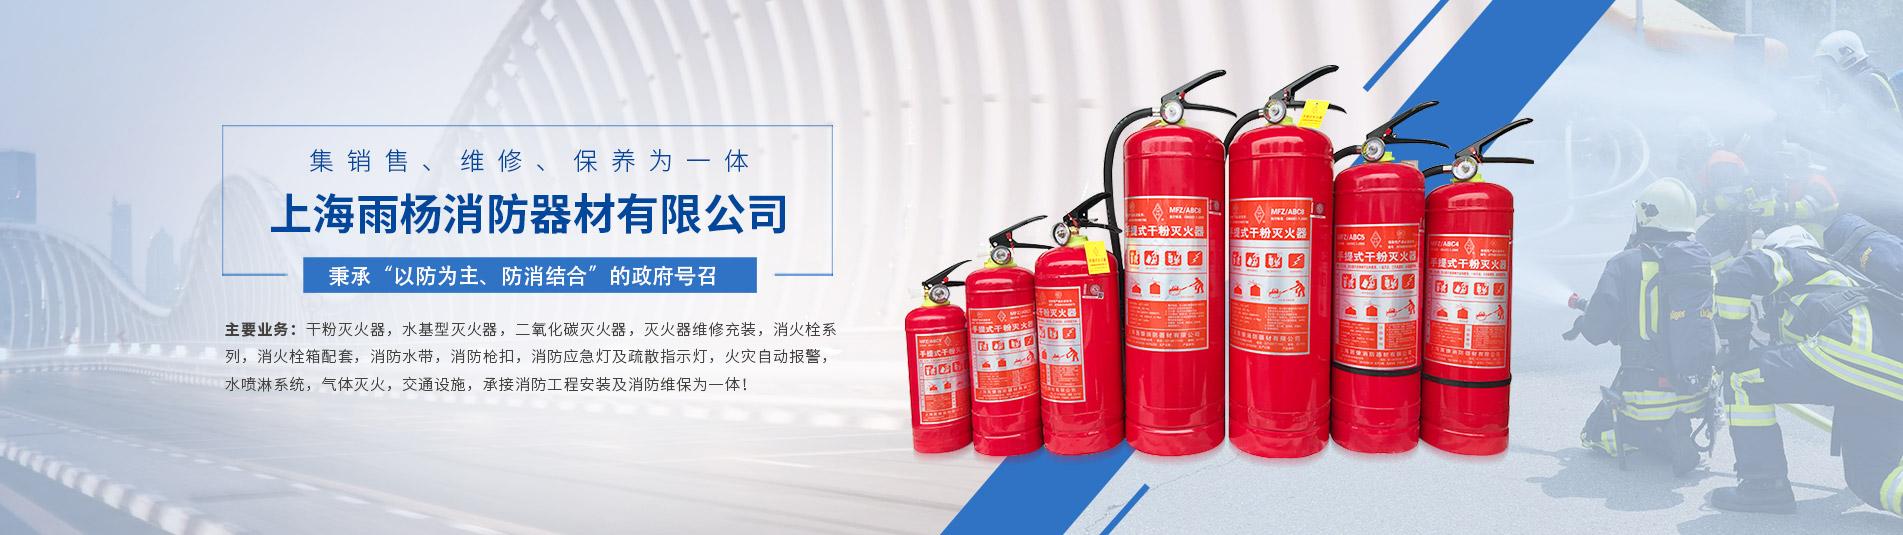 上海雨杨消防器材有限公司